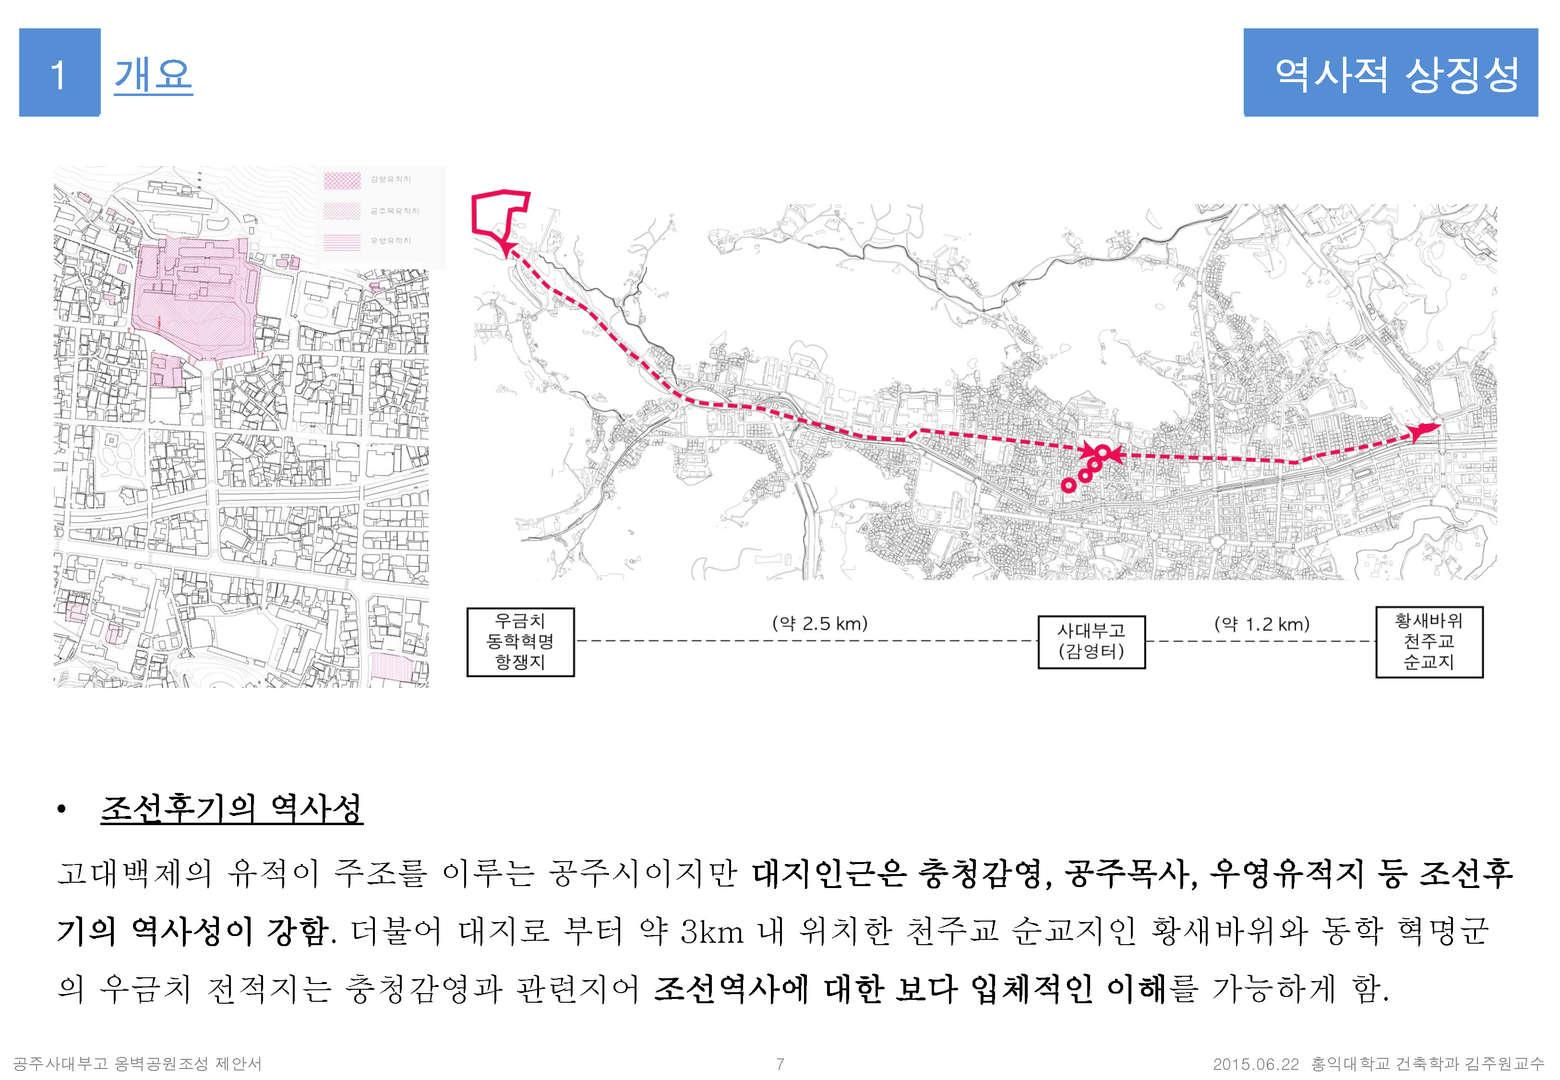 공주사대부고옹벽공원조성제안서4_페이지_07.jpg